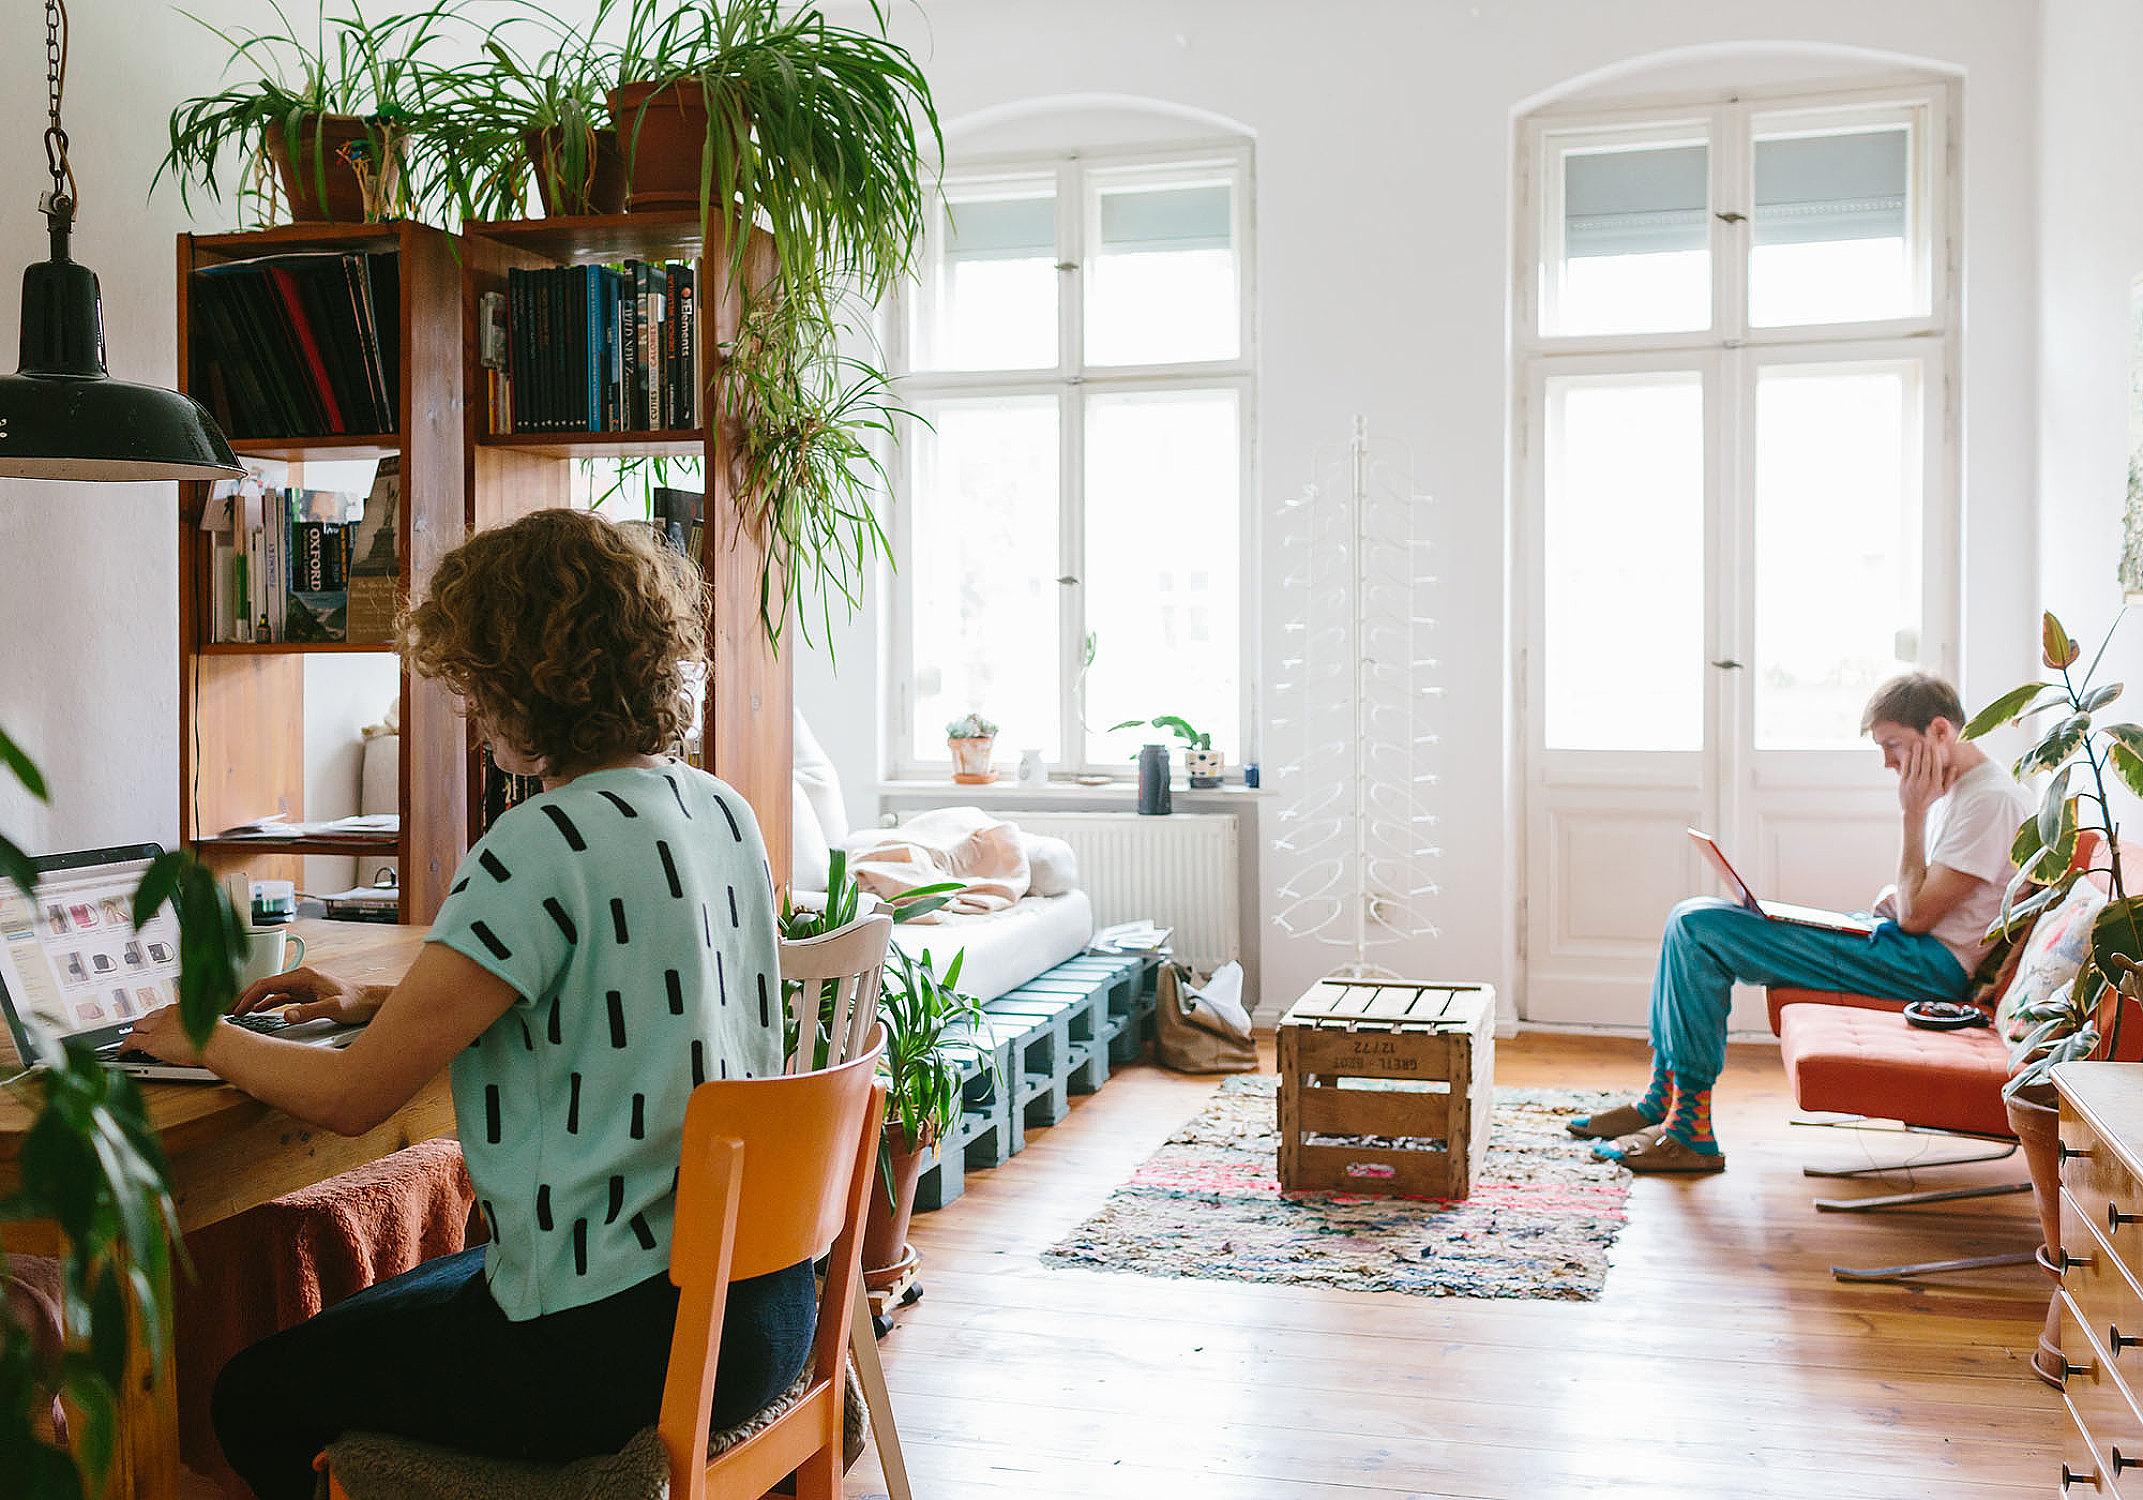 La maison d'alex Bender à Berlin